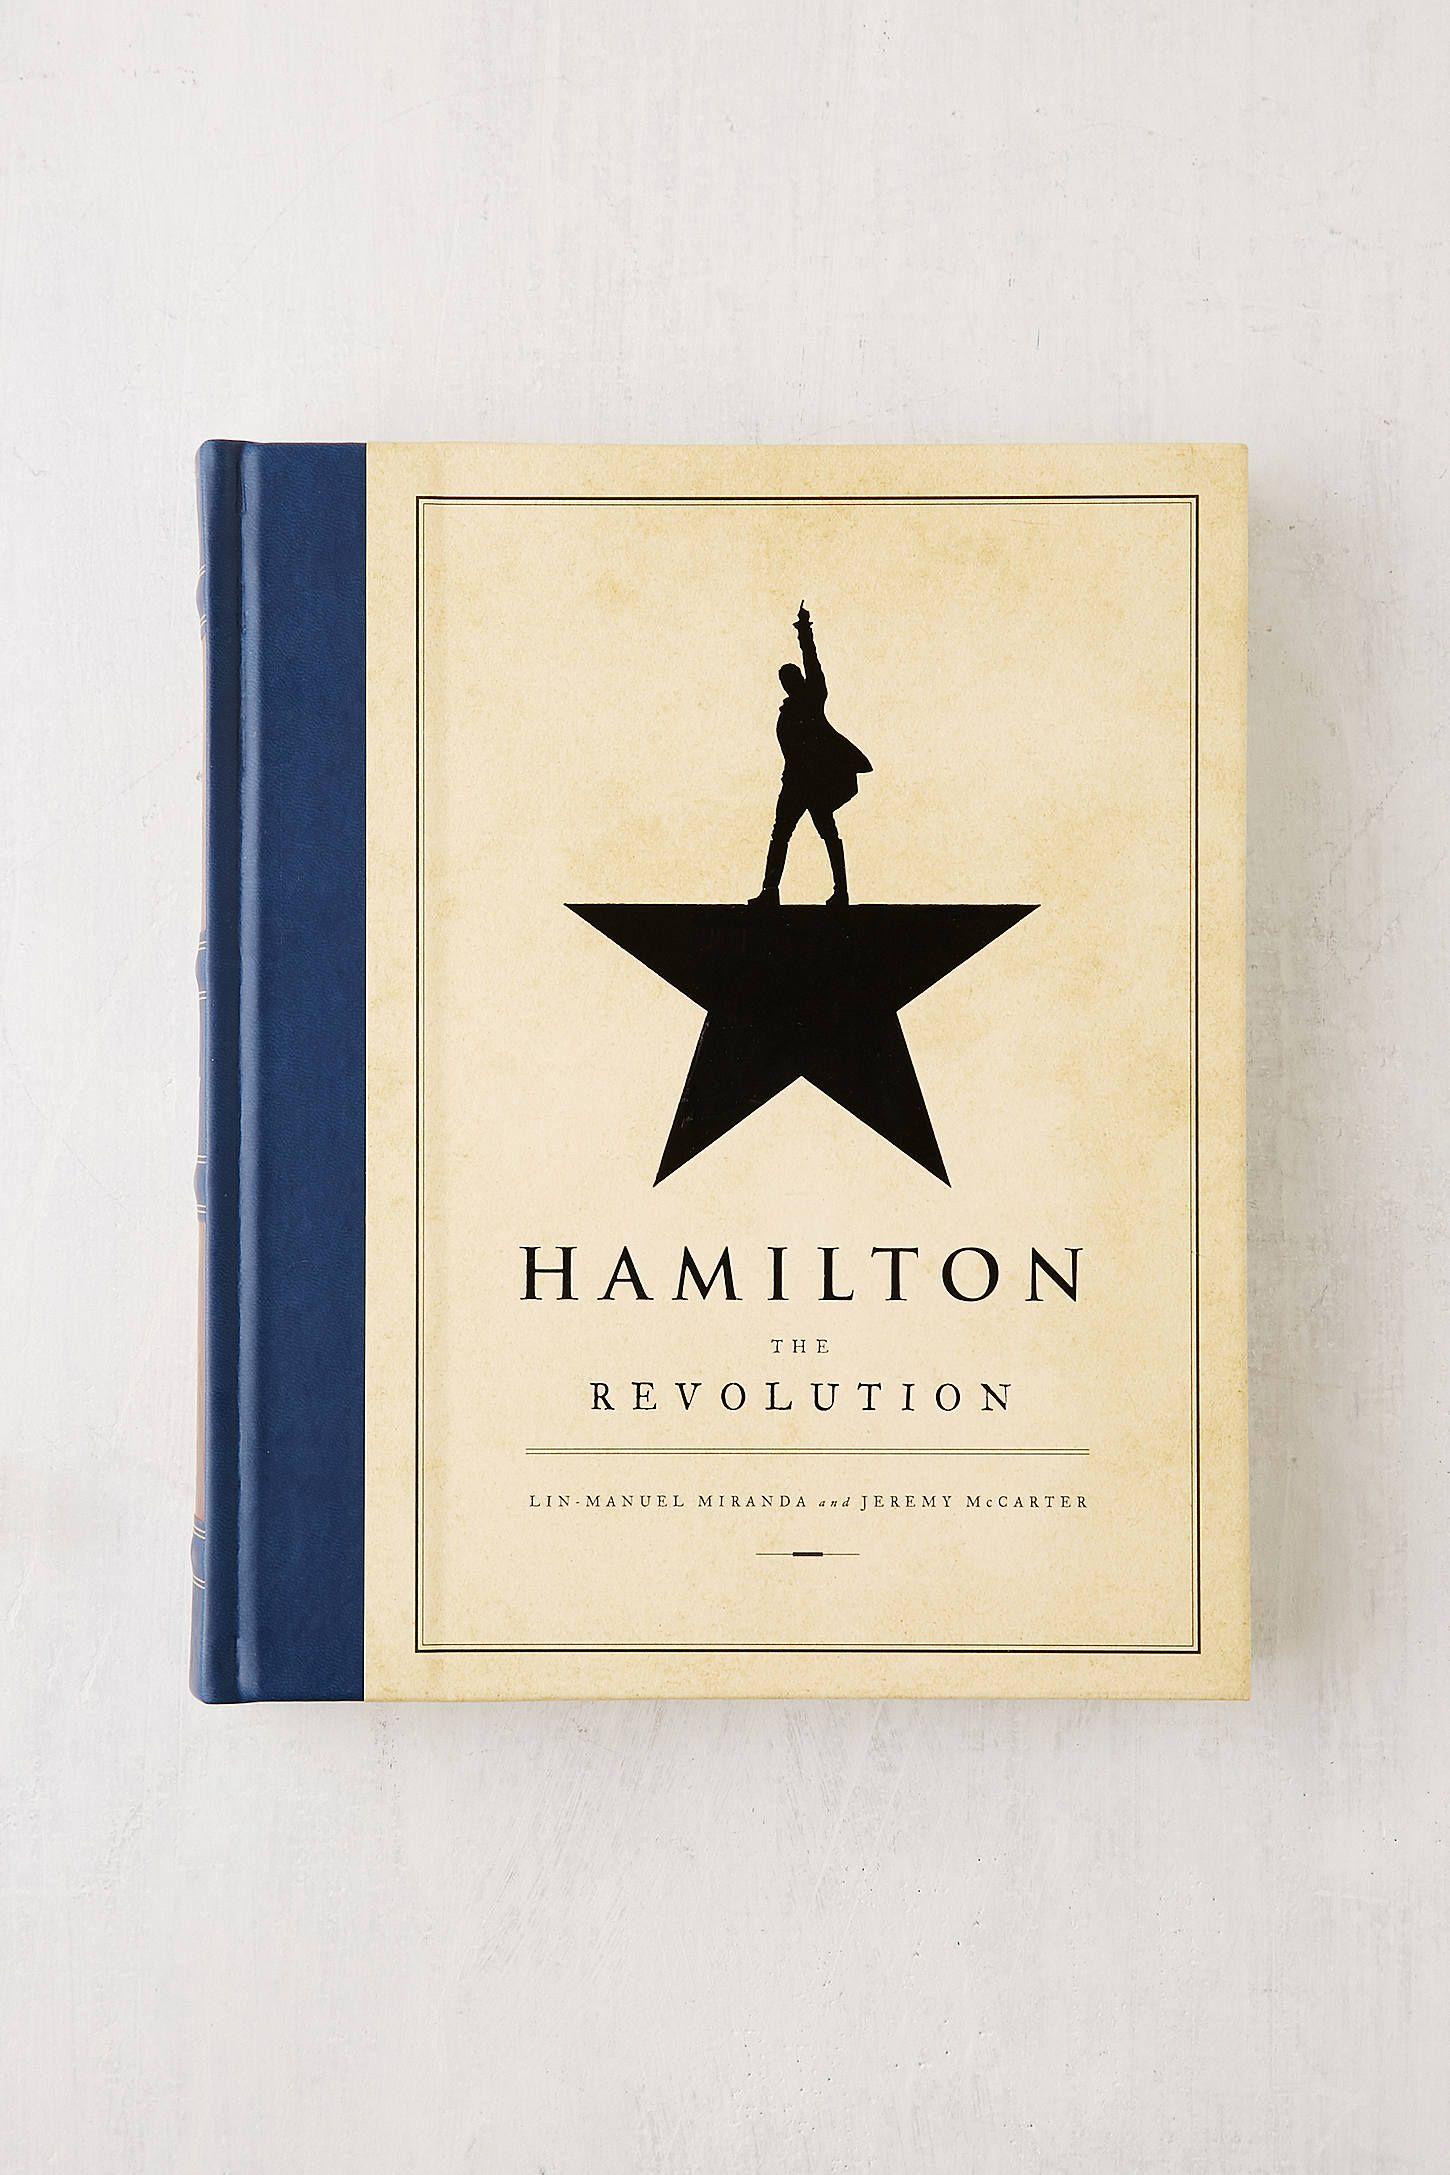 Hamilton the revolution by linmanuel miranda jeremy